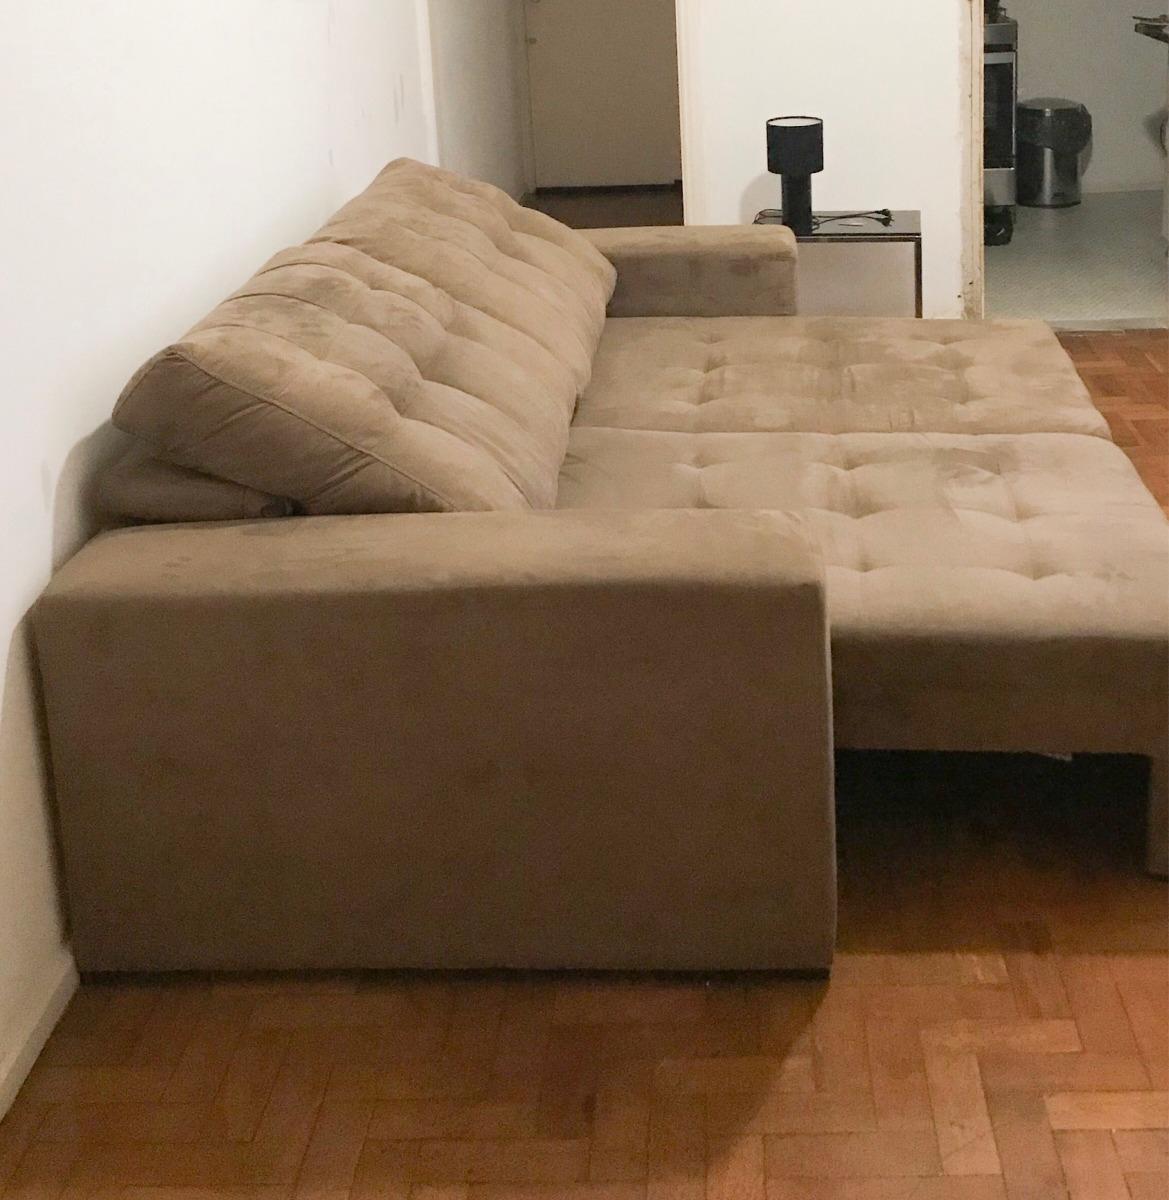 de4d4ea81 sofa cama casal retrátil reclinável lufer suede 4 lugares. Carregando zoom.